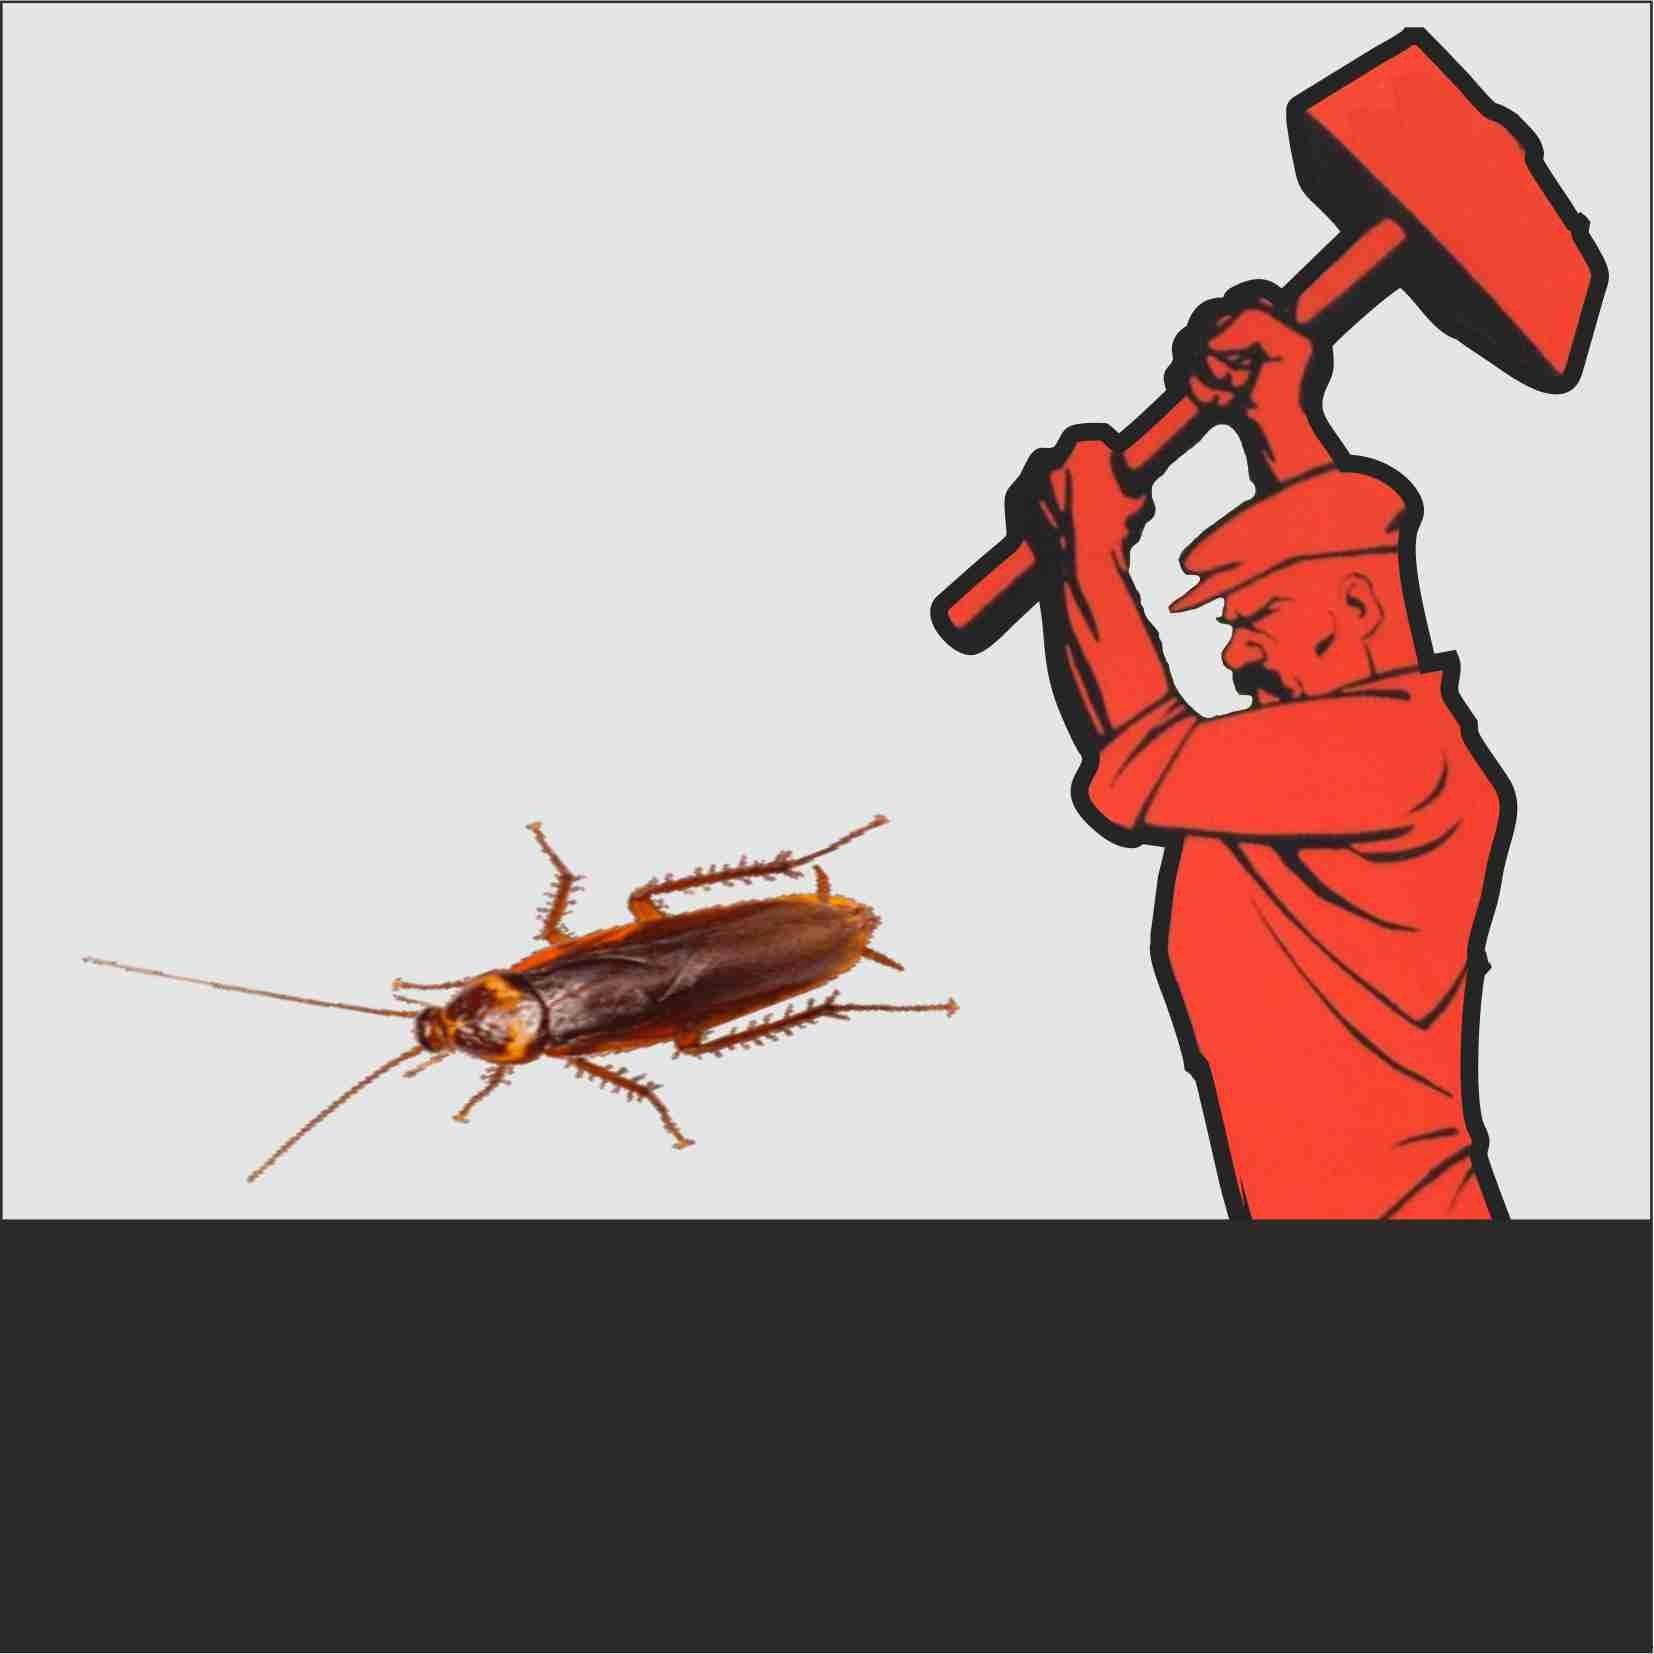 Основные средства борьбы с тараканами в общежитии